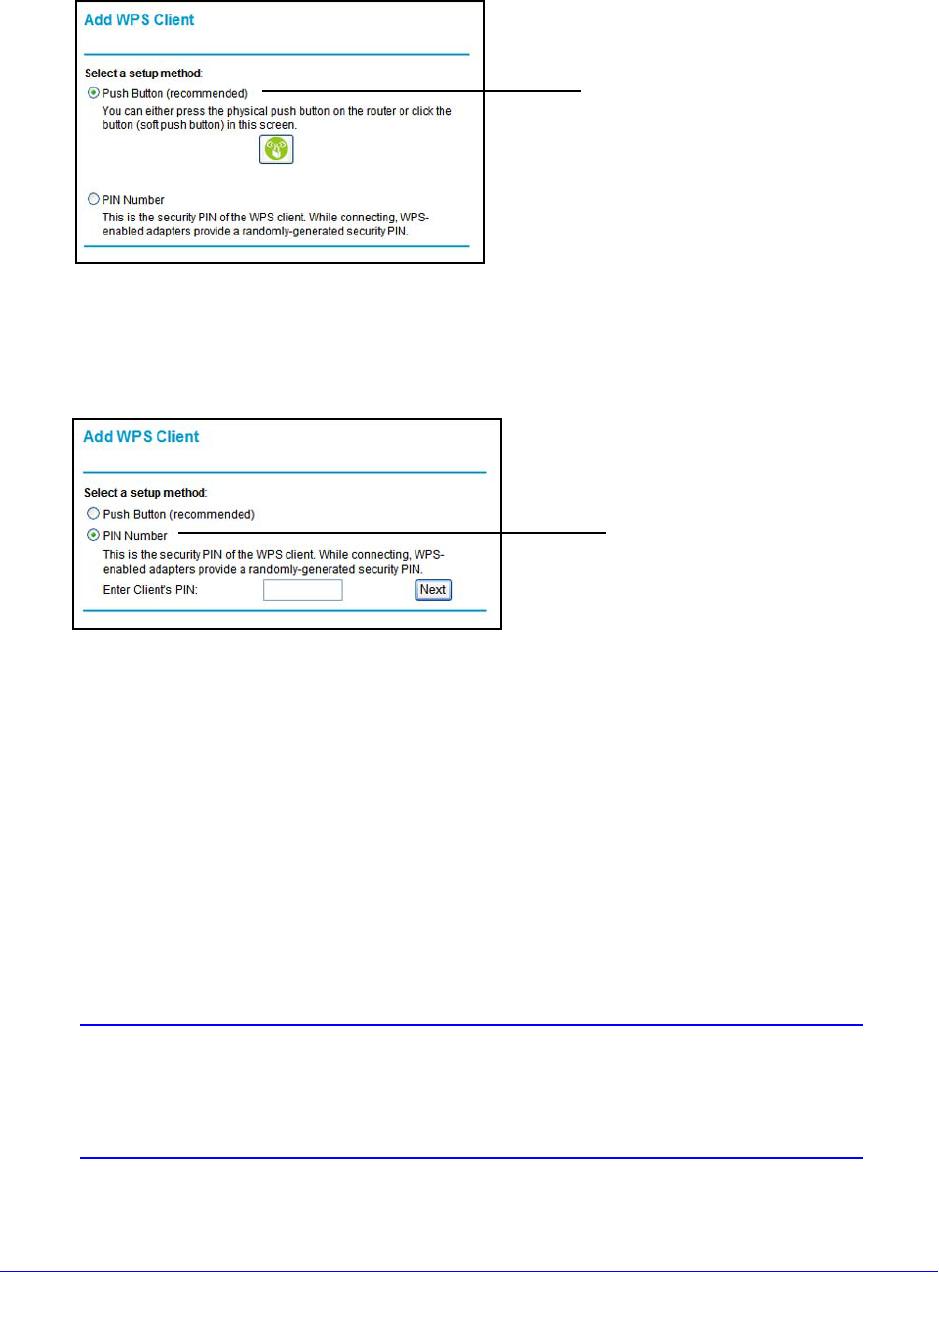 NETGEAR DGN2200V3, N300 Wireless Settings Screen